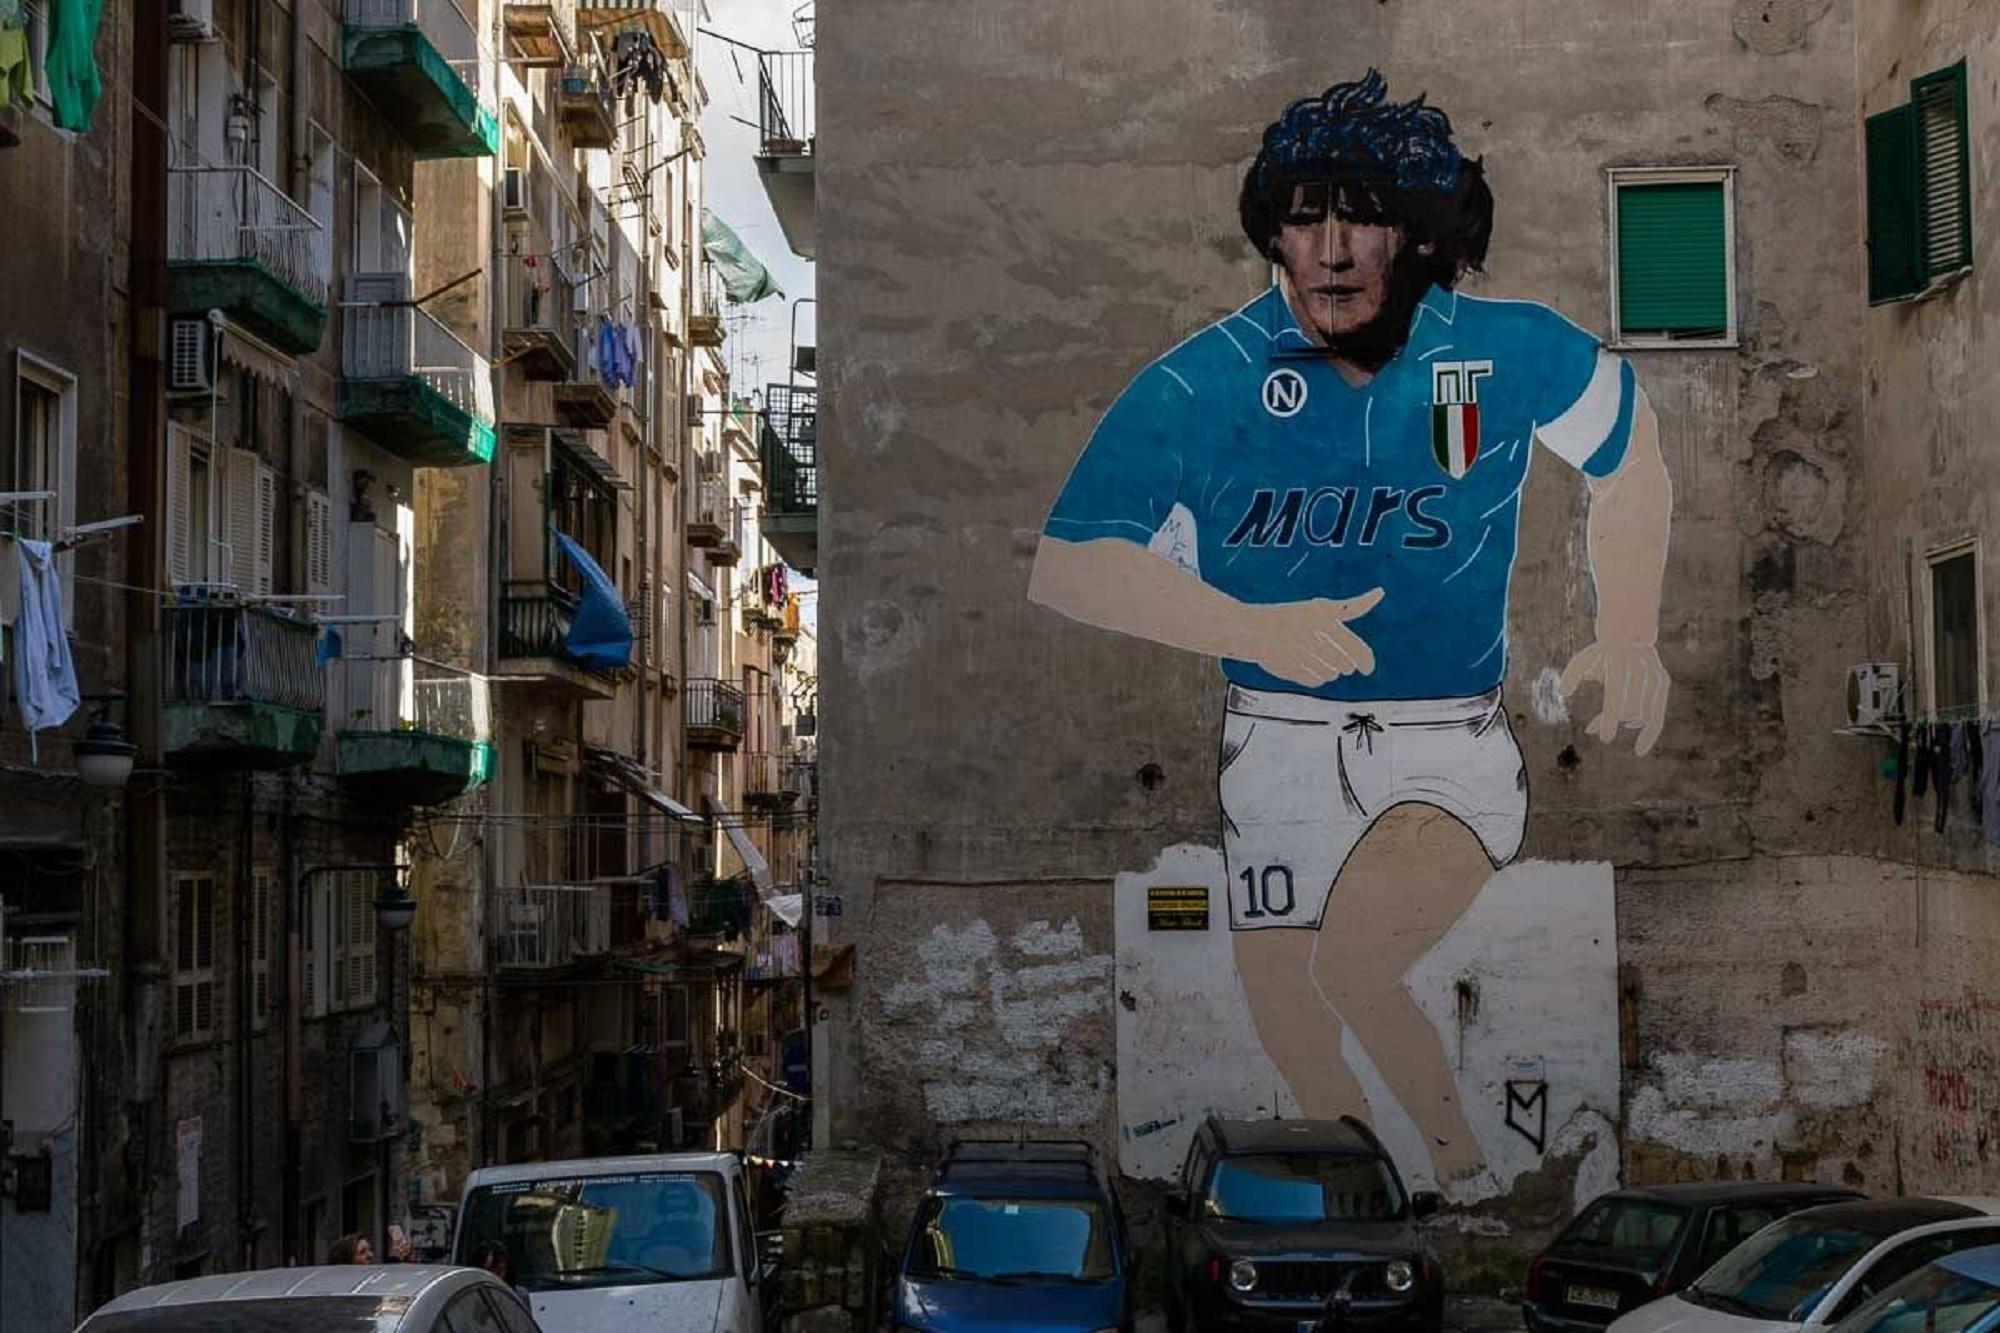 Maradona Re di Napoli. La storia dei murales diventati santuari del pibe de oro